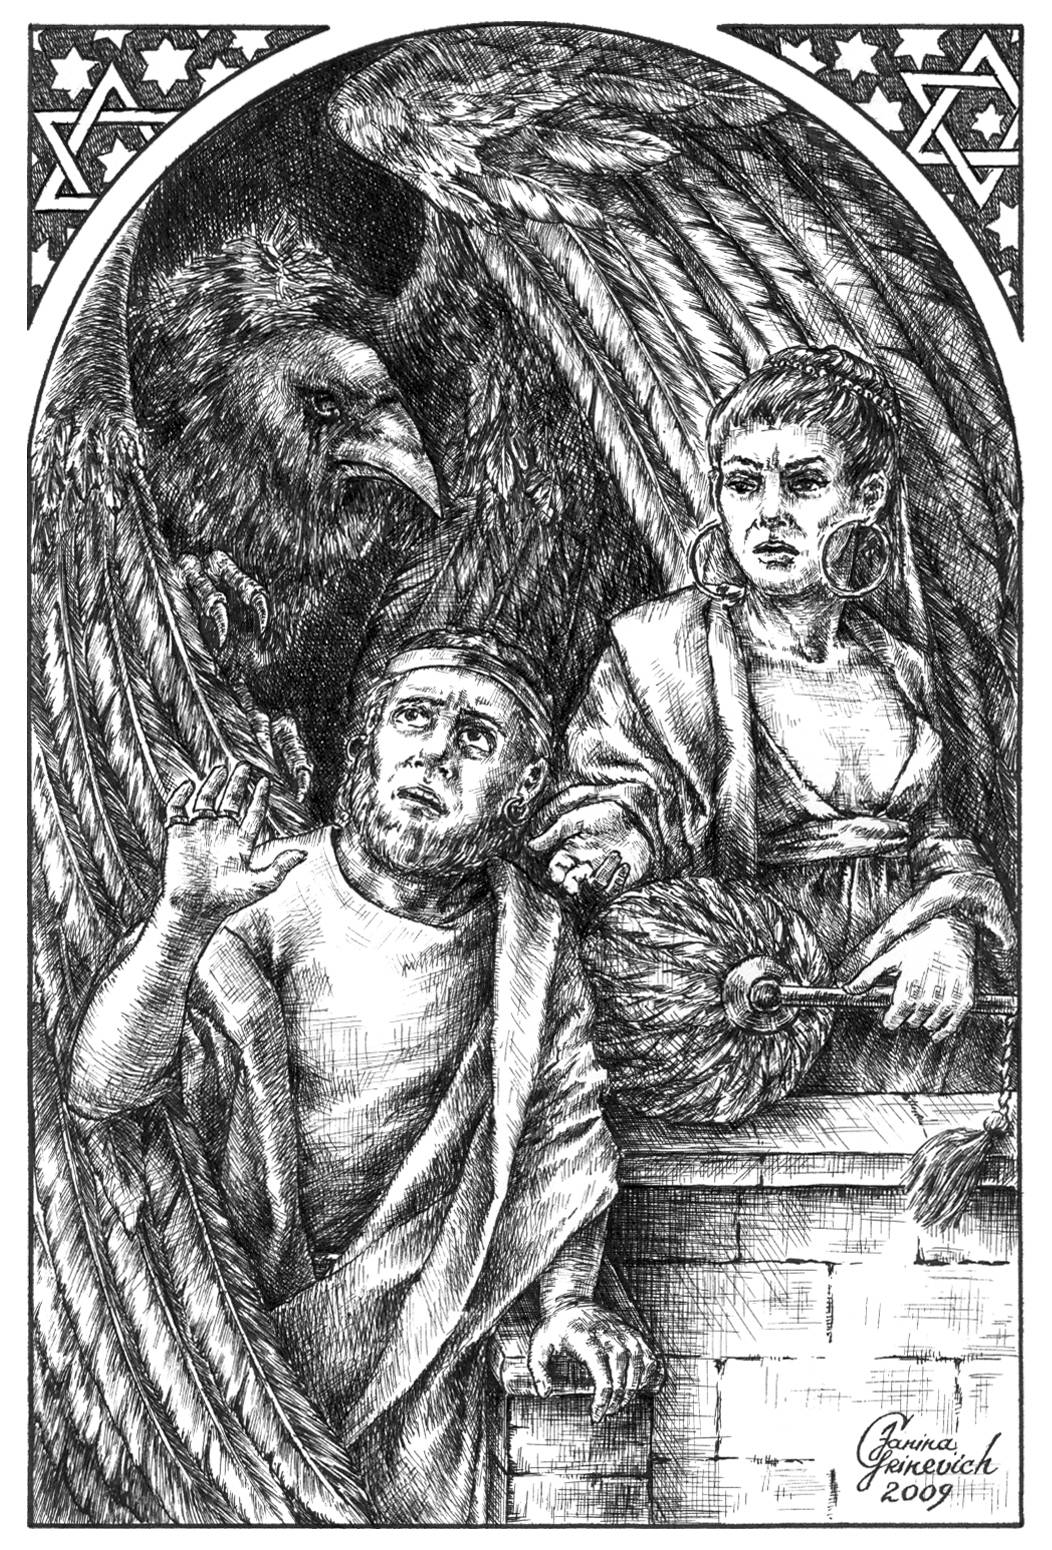 """Illustration for the play by Oscar Wilde """"Salomé"""""""